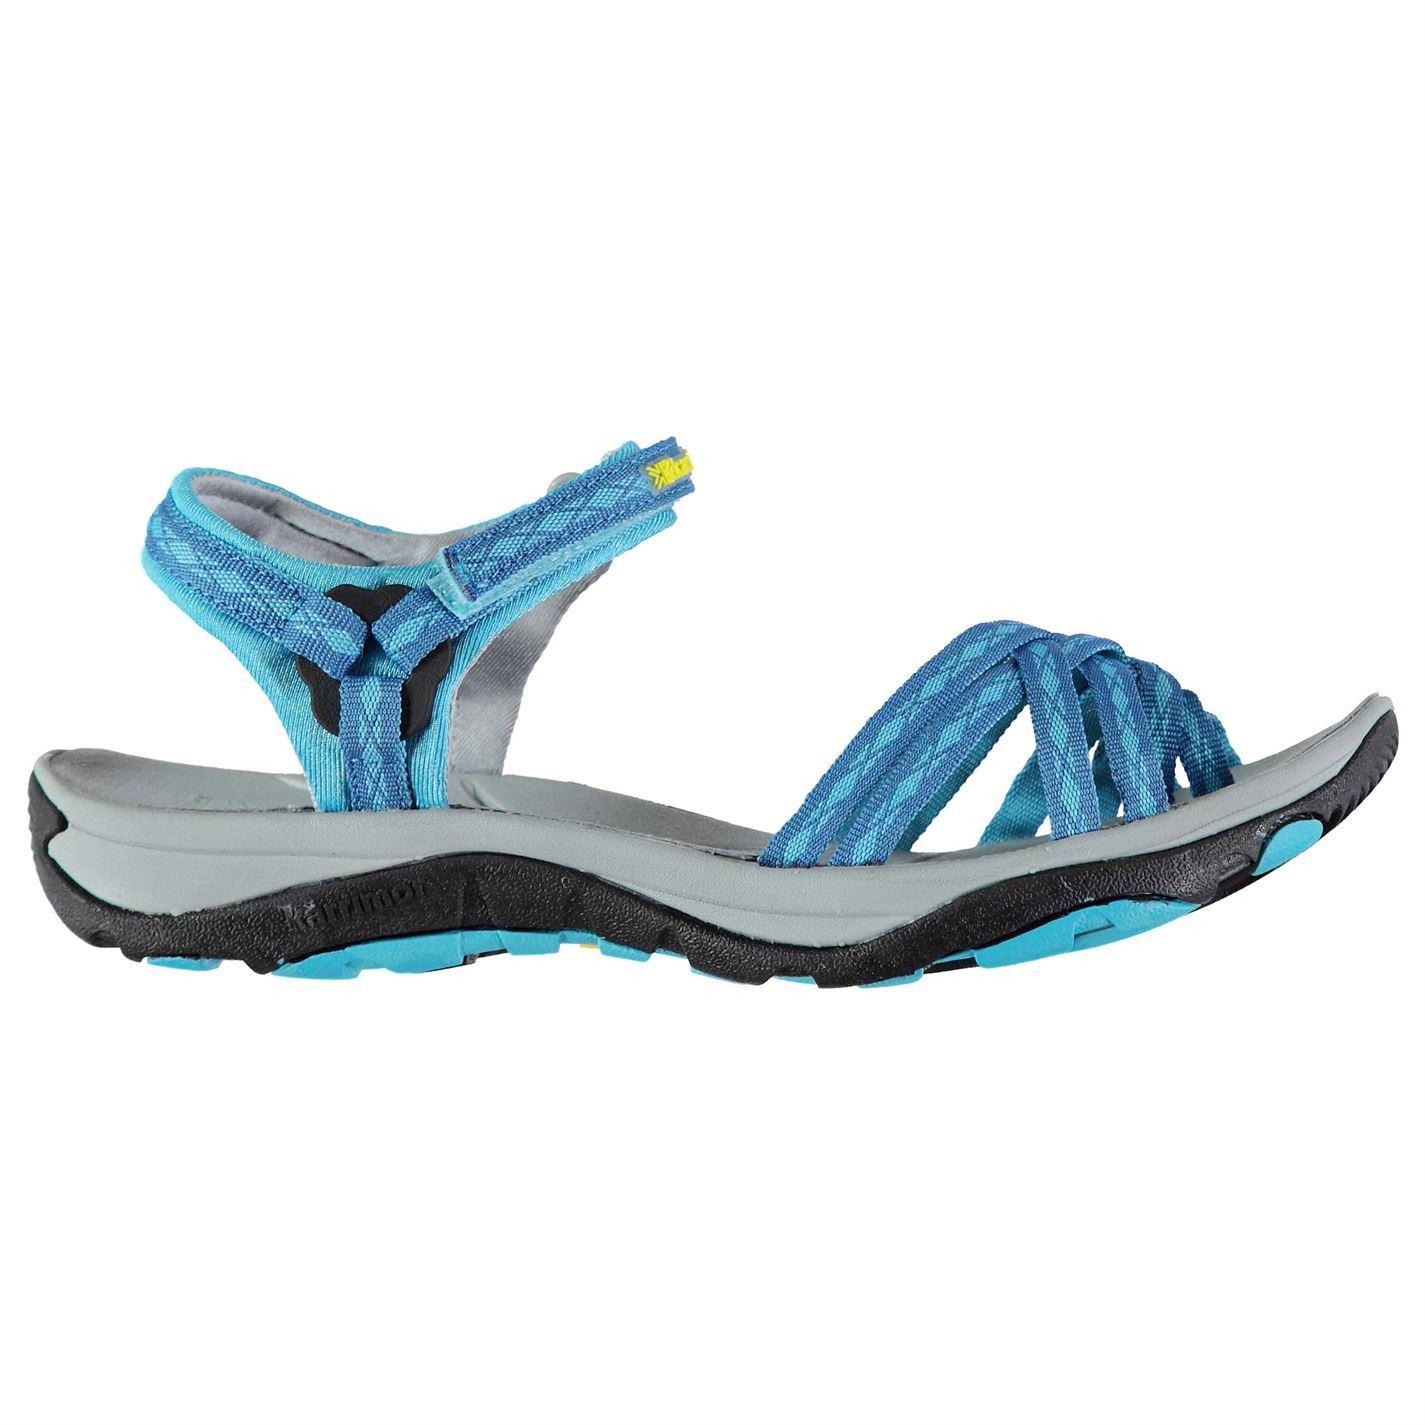 Original Clothes Shoes Amp Accessories Gt Women39s Shoes Gt Sandals Amp Be